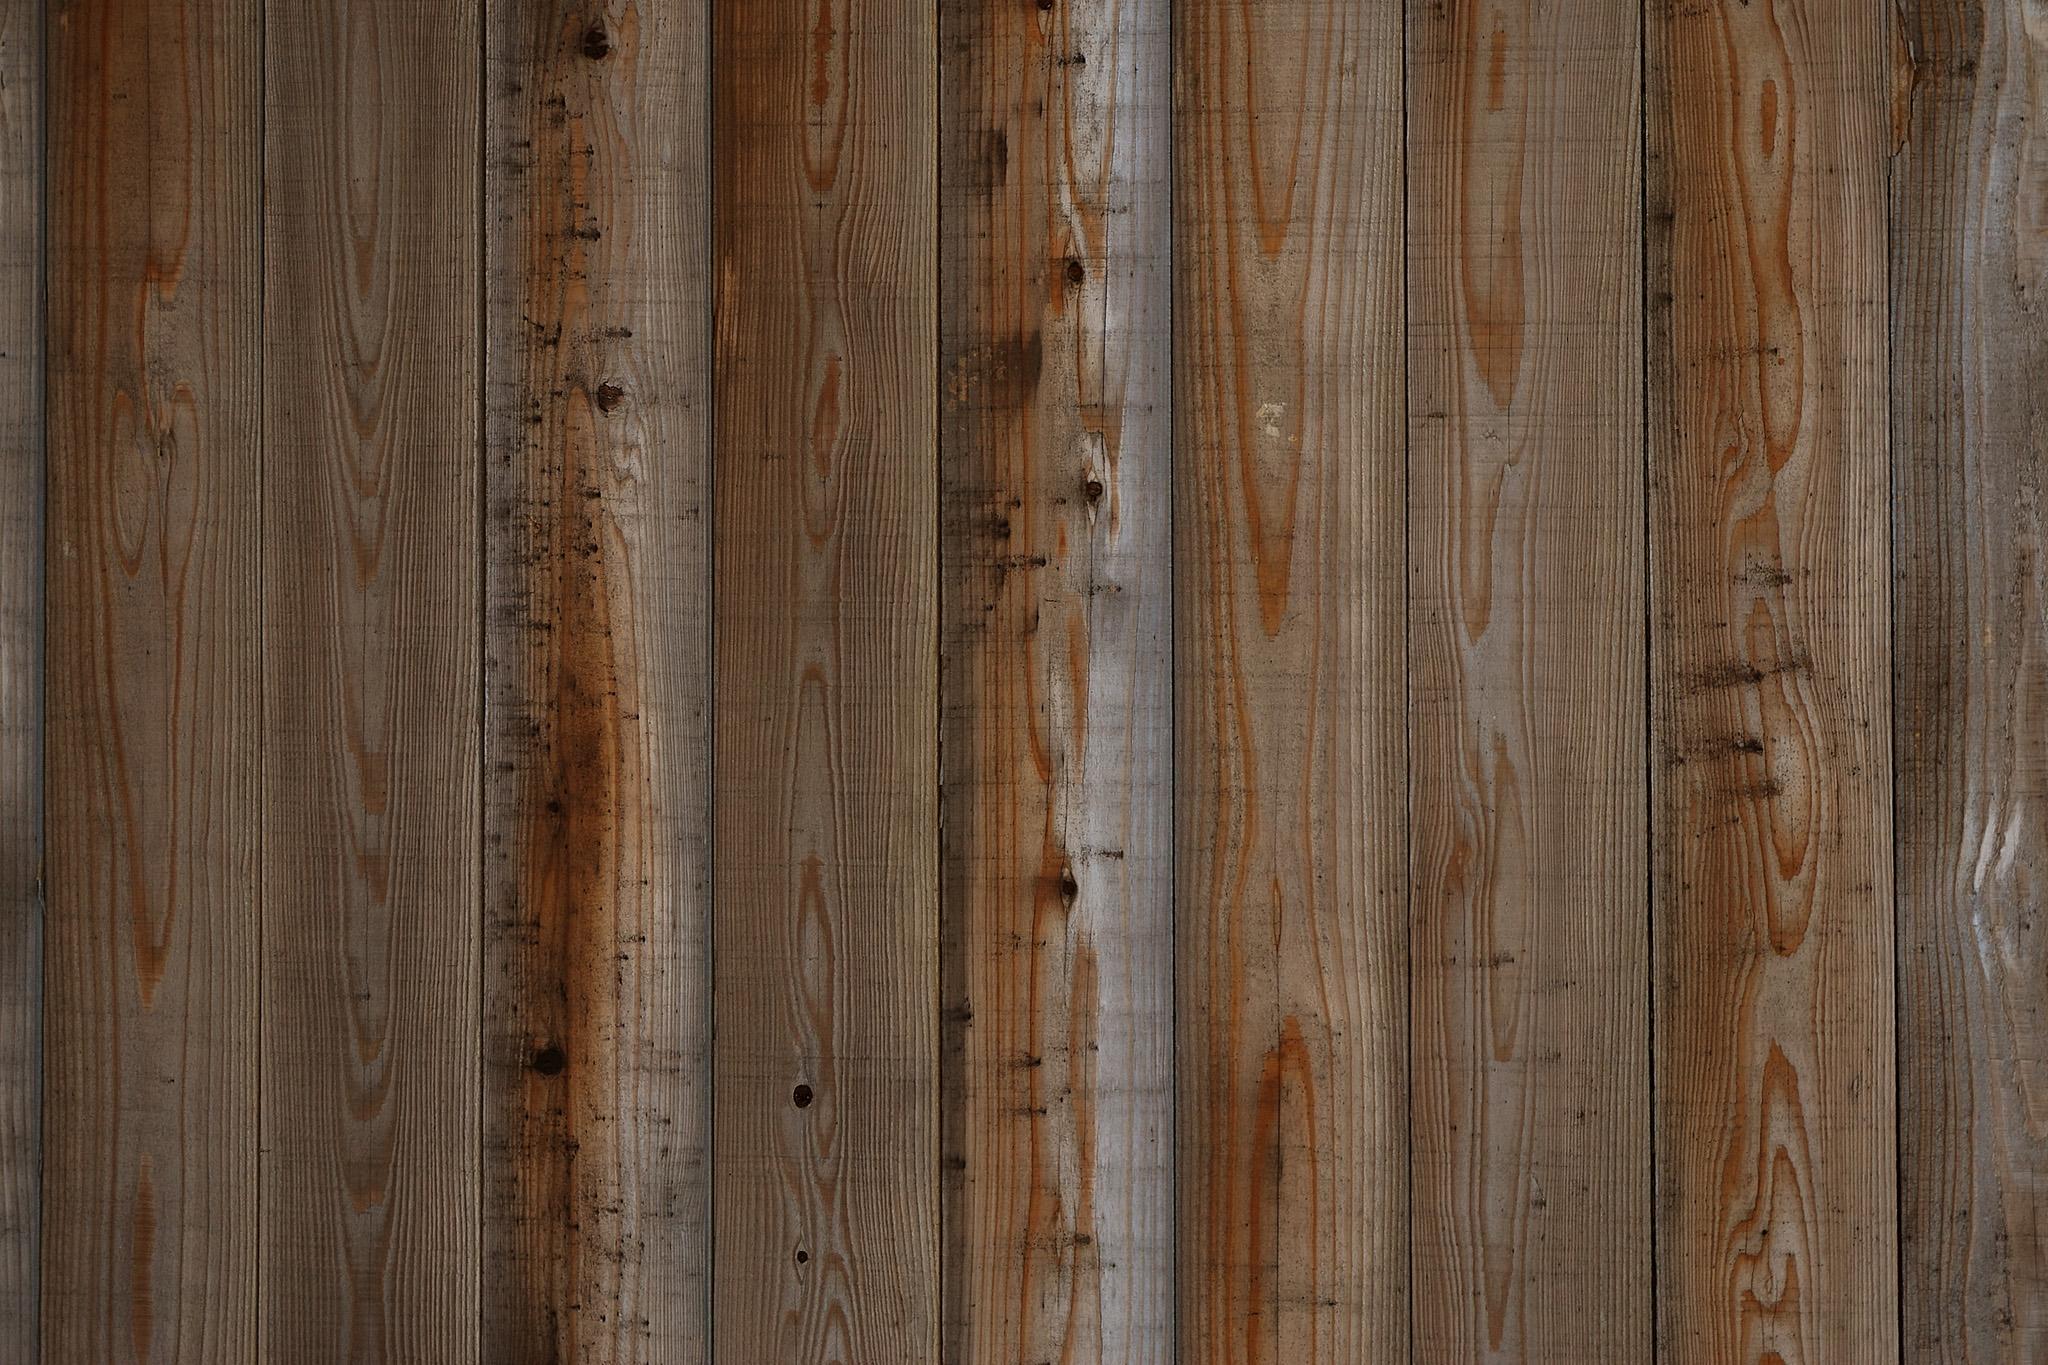 「木目と節の調和が美しい板」